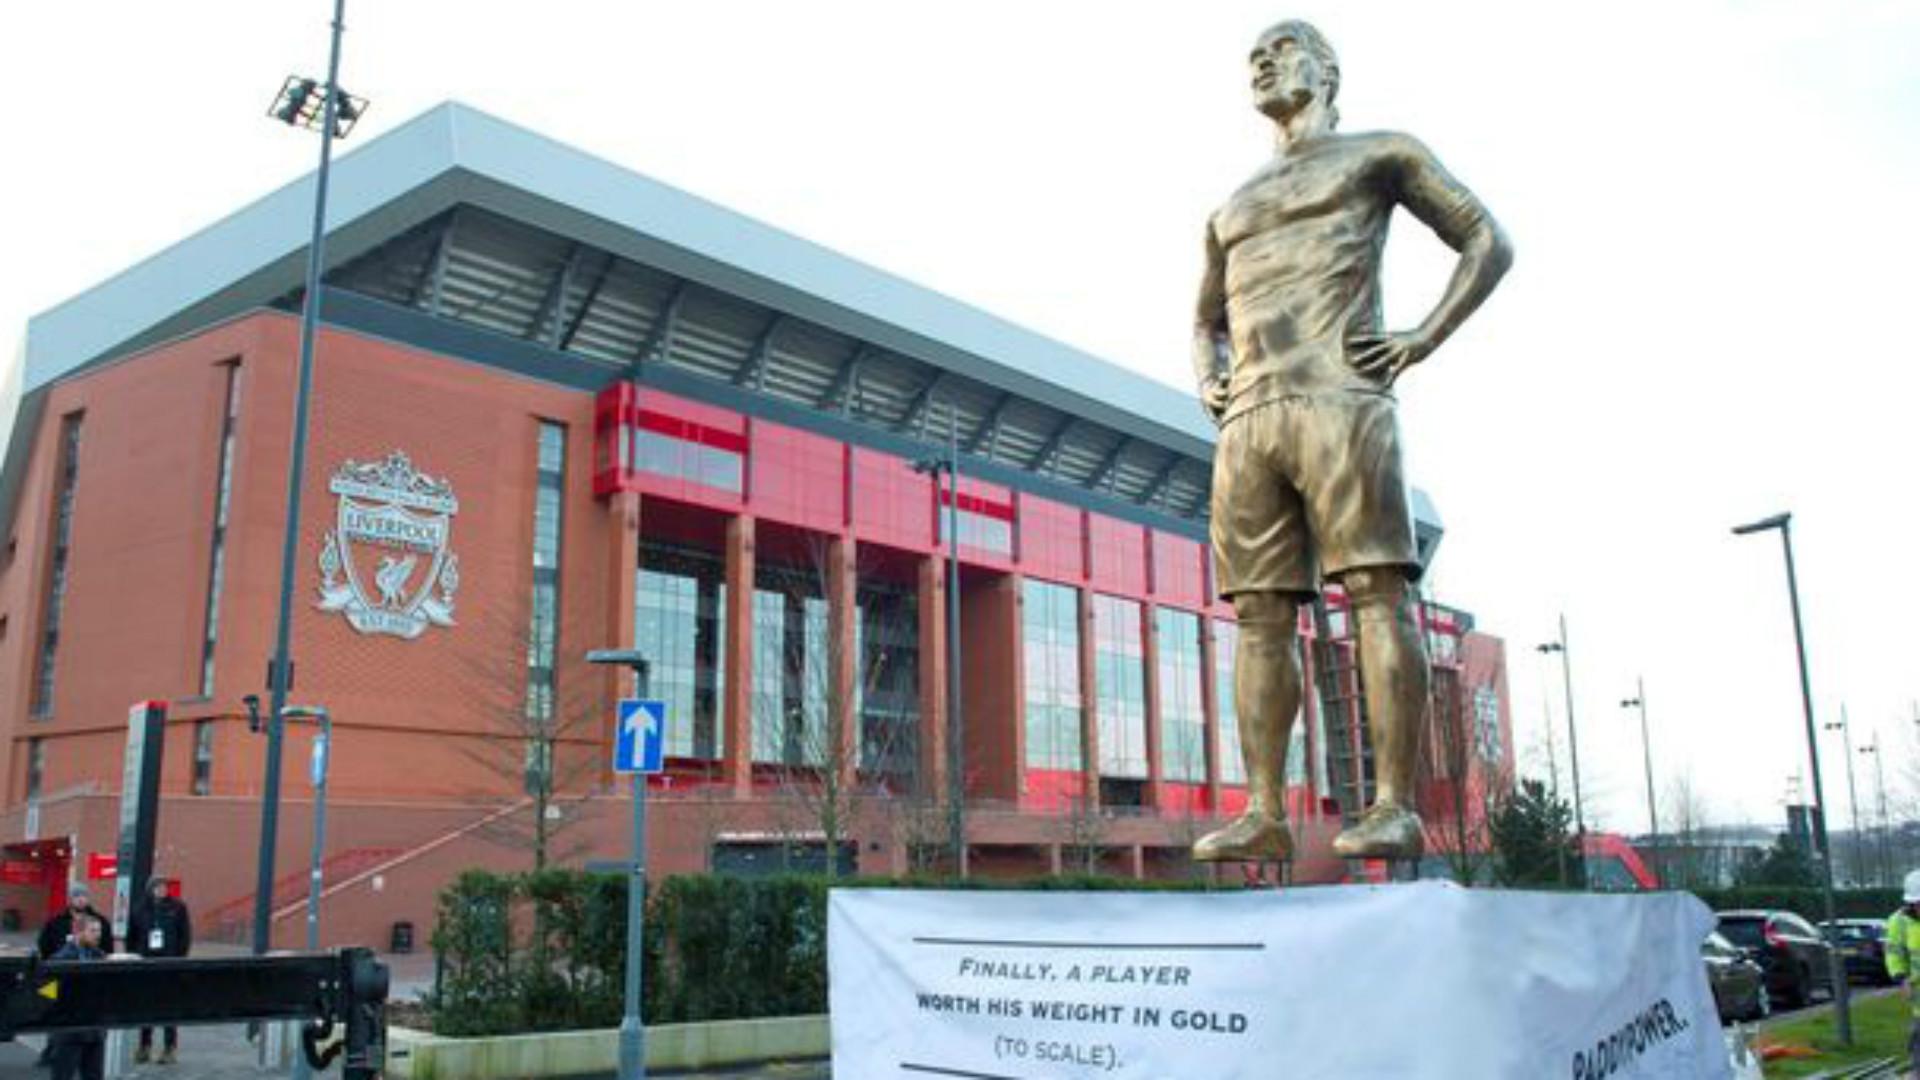 Virgil van Dijk statue